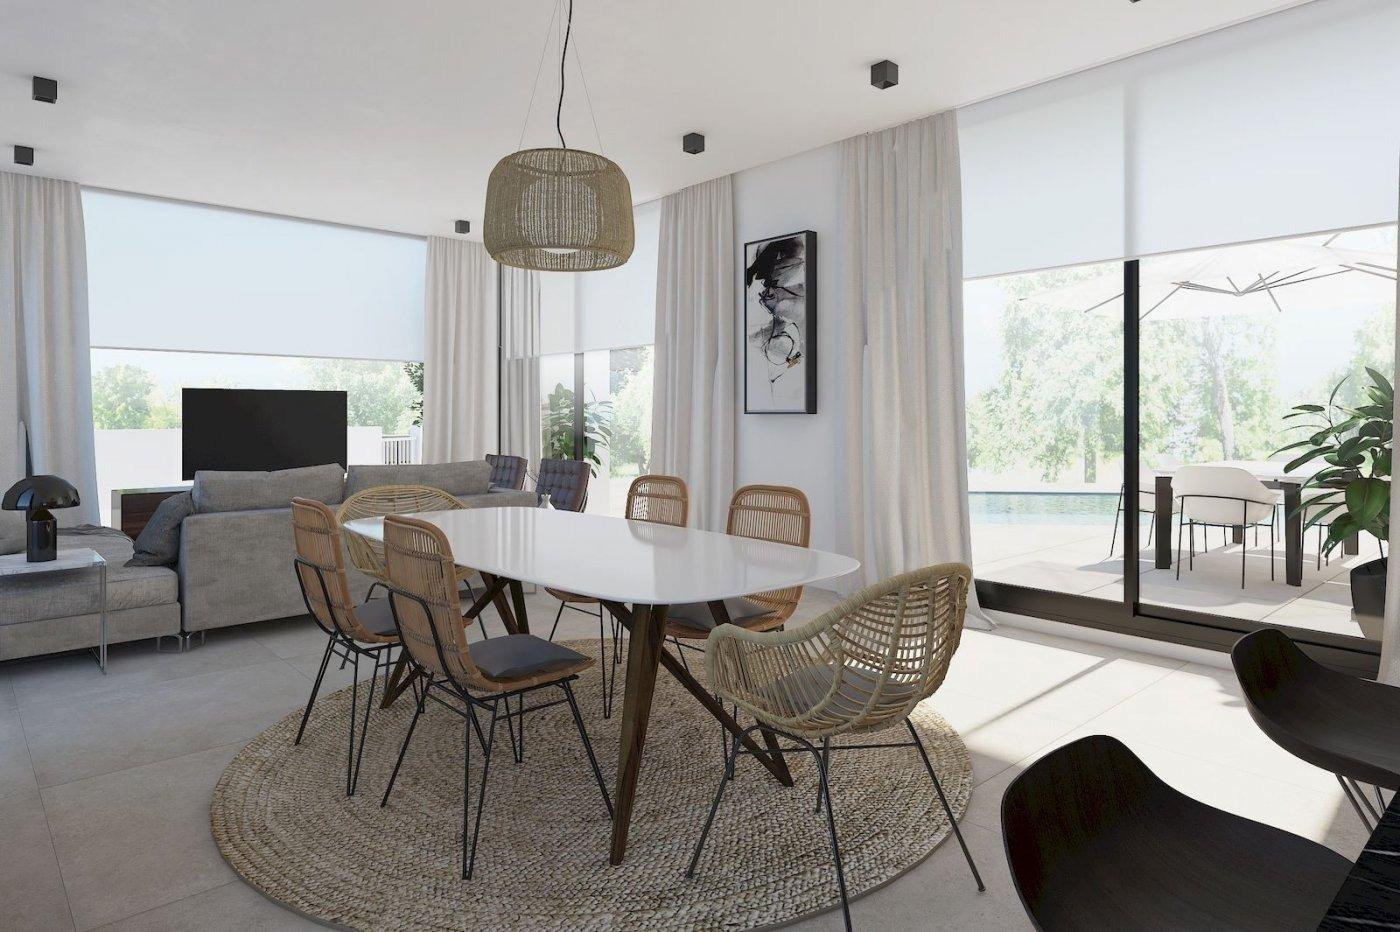 Villa de obra nueva de estilo moderno en venta en calpe a 600 m de la playa - imagenInmueble1